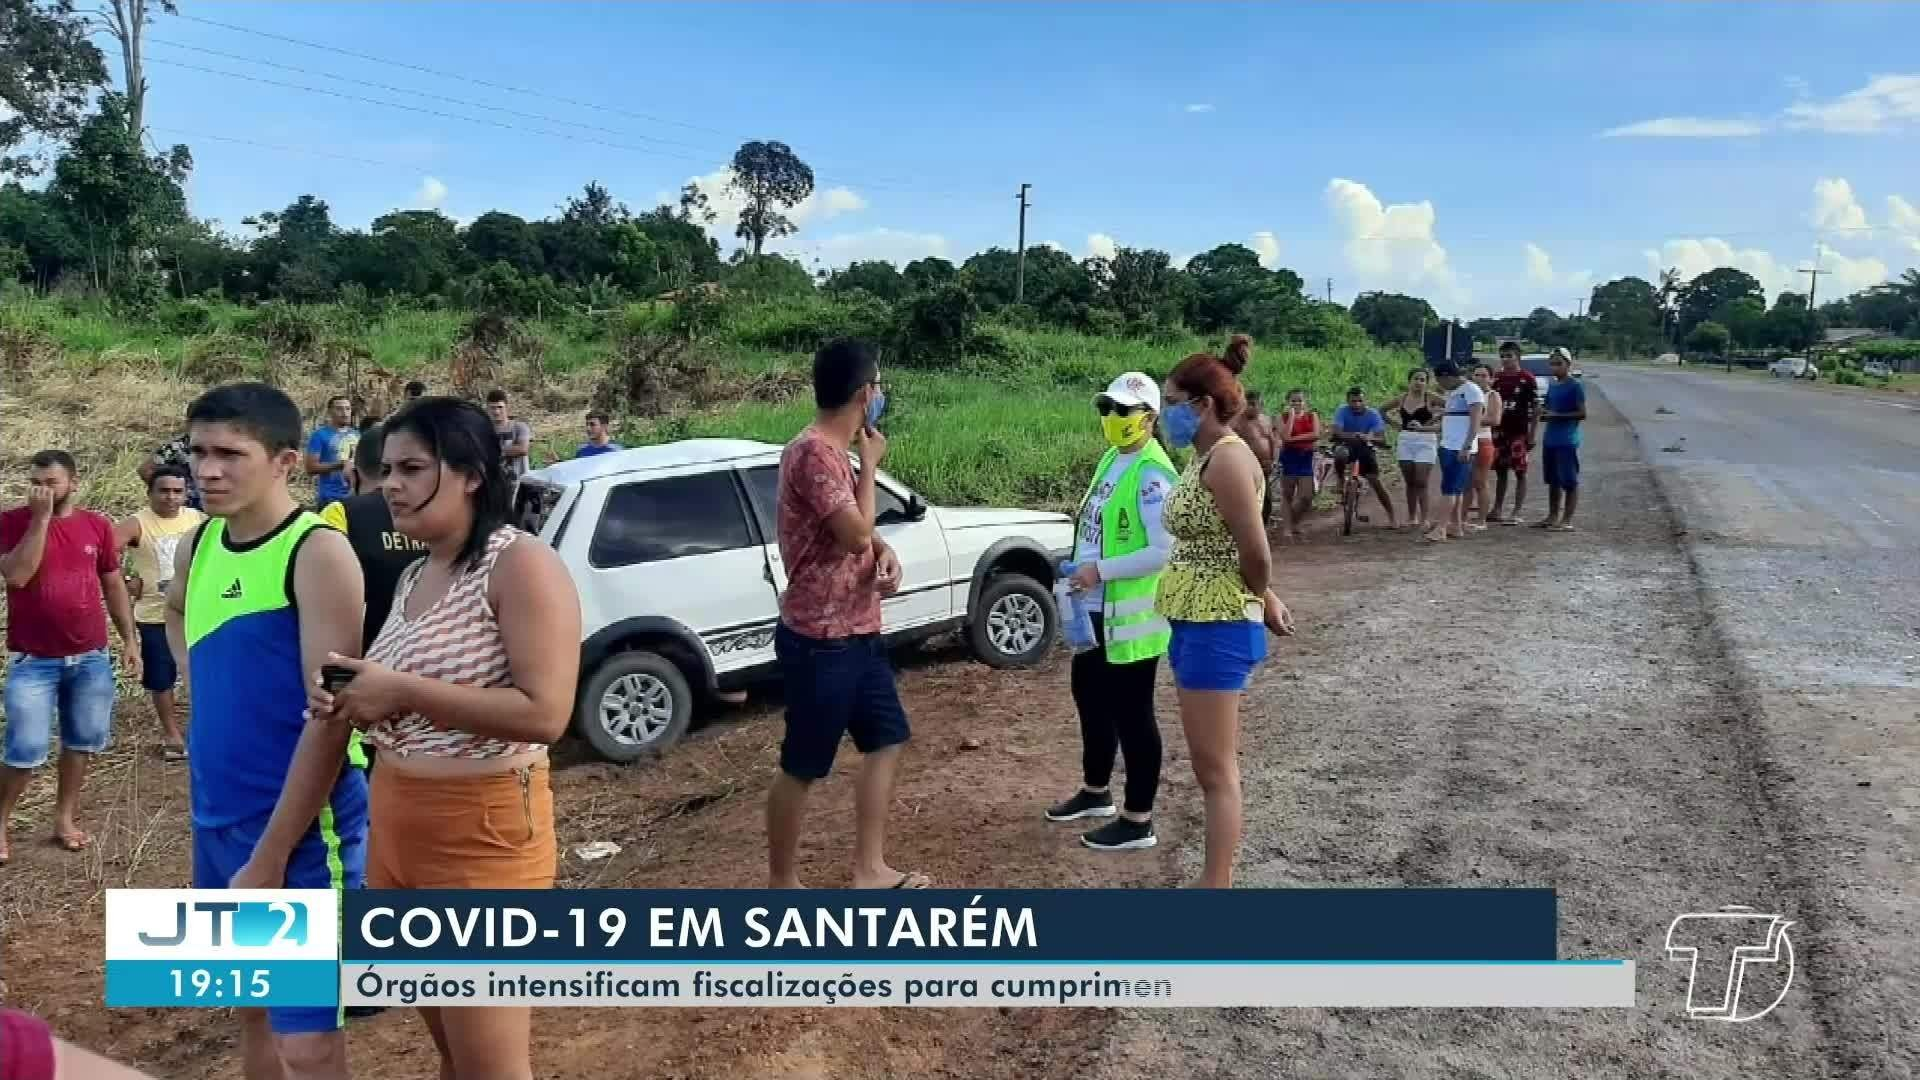 VÍDEOS: Jornal Tapajós 2ª Edição de segunda-feira, 6 de julho de 2020